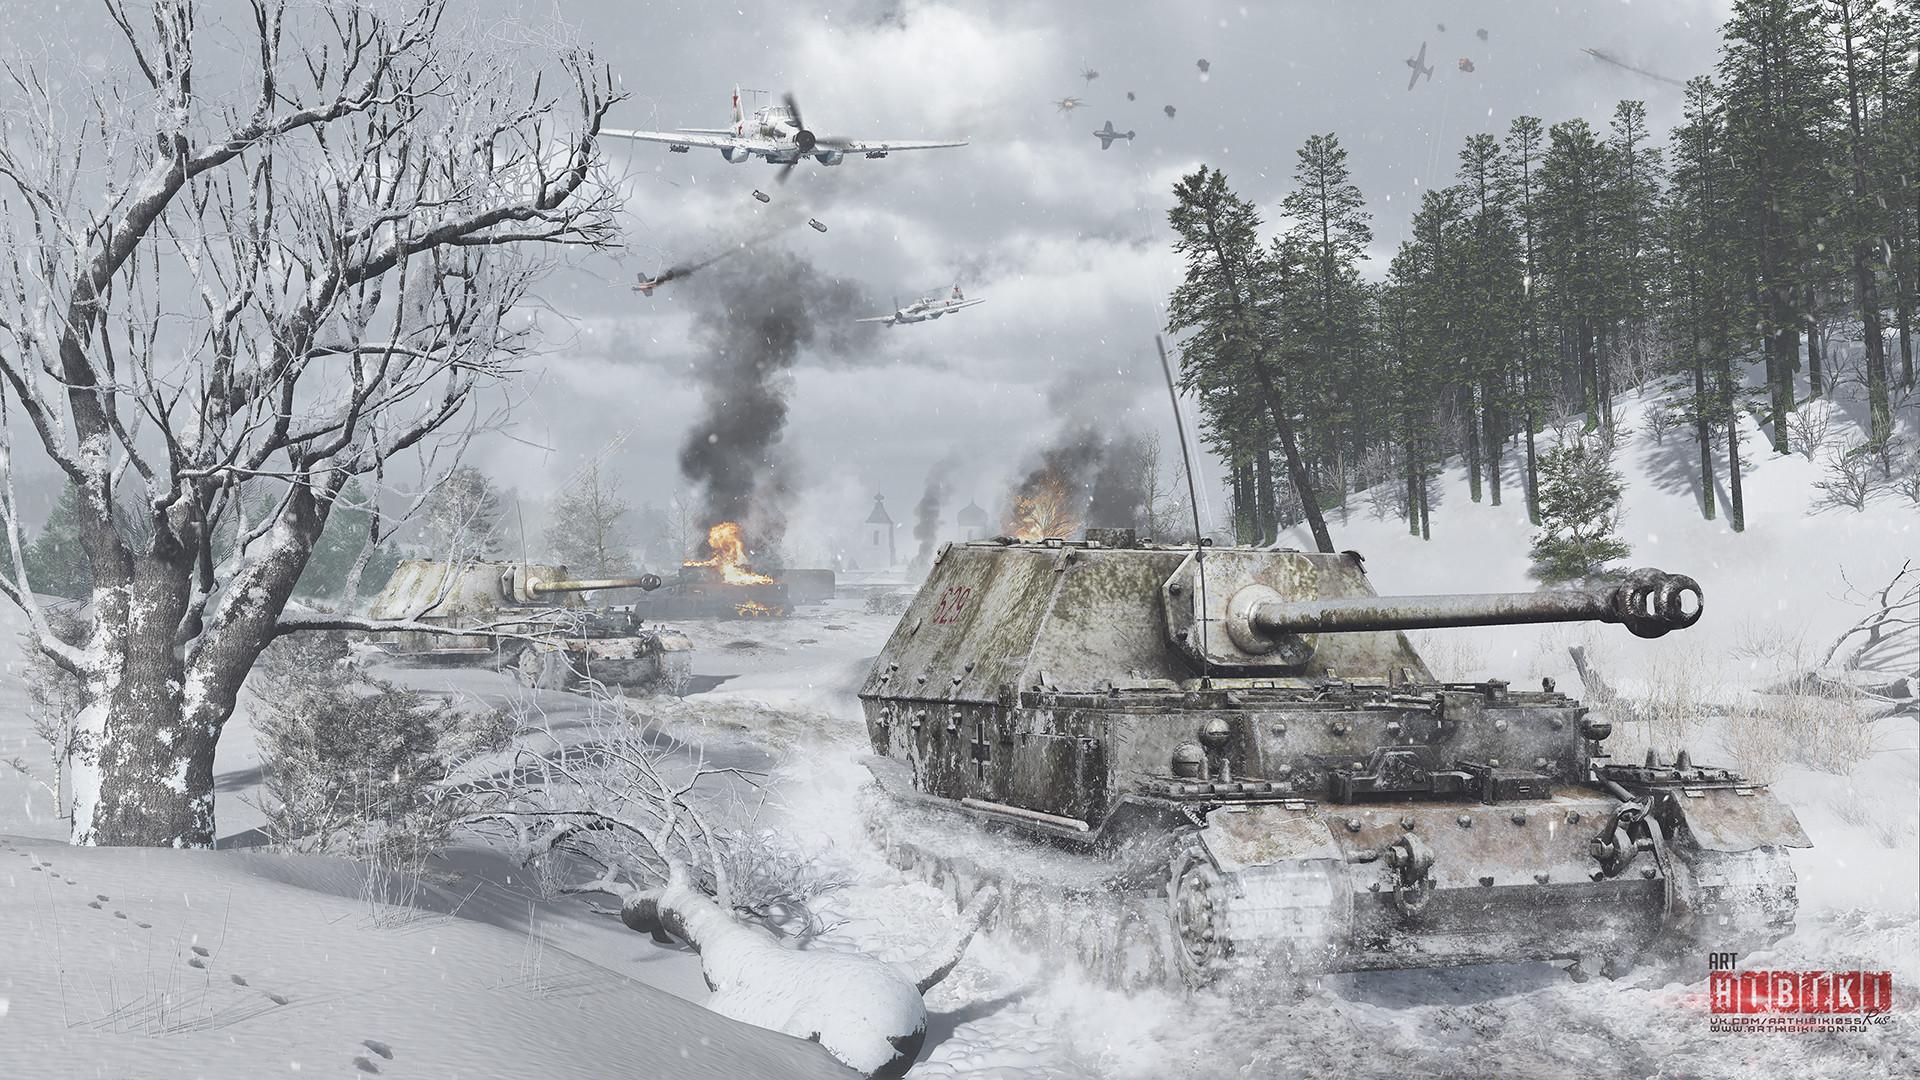 Bilder von War Thunder Erdkampfflugzeug Flugzeuge Selbstfahrlafette Deutsch Russische Ferdinand,  Il-2 Winter 3D-Grafik Schnee Spiele 1920x1080 Schlachtflugzeug deutsche deutscher russischer russisches computerspiel